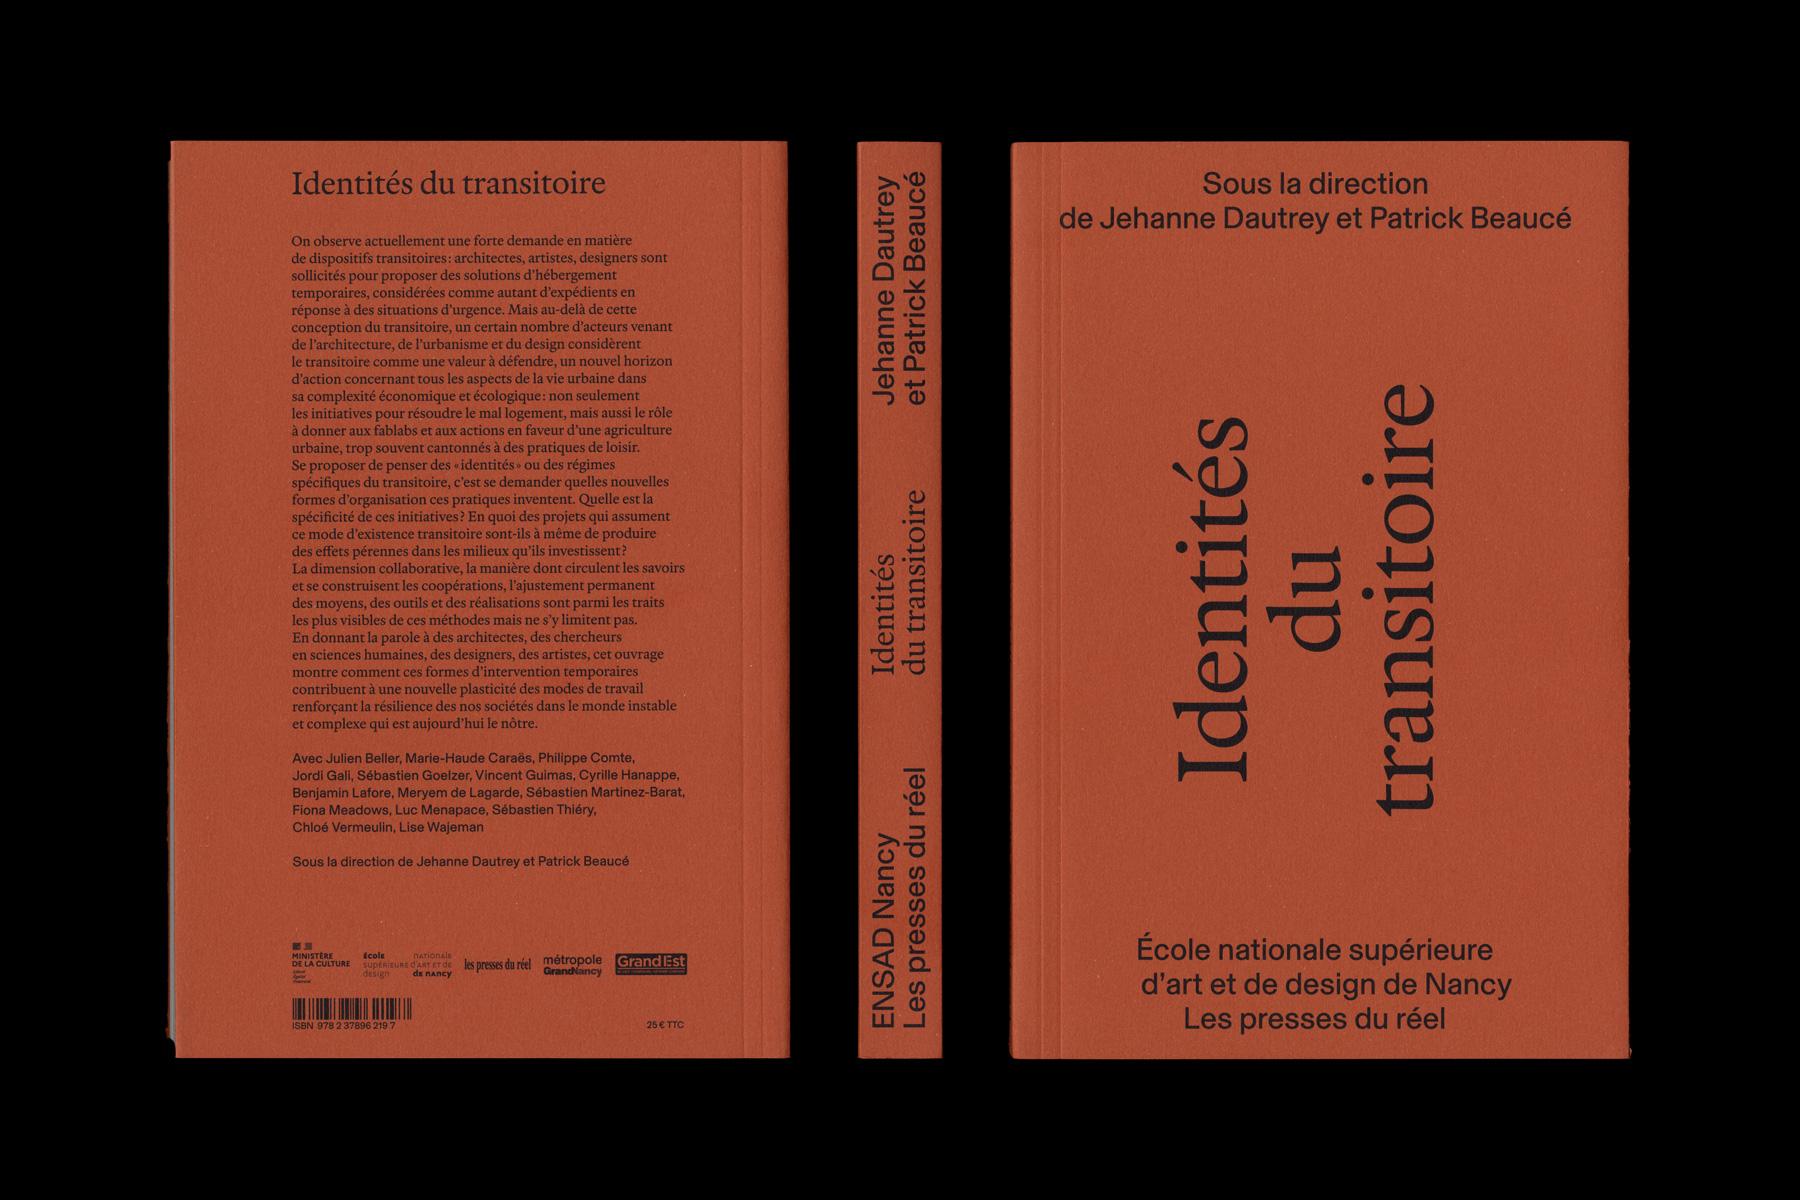 Identités du transitoire-01